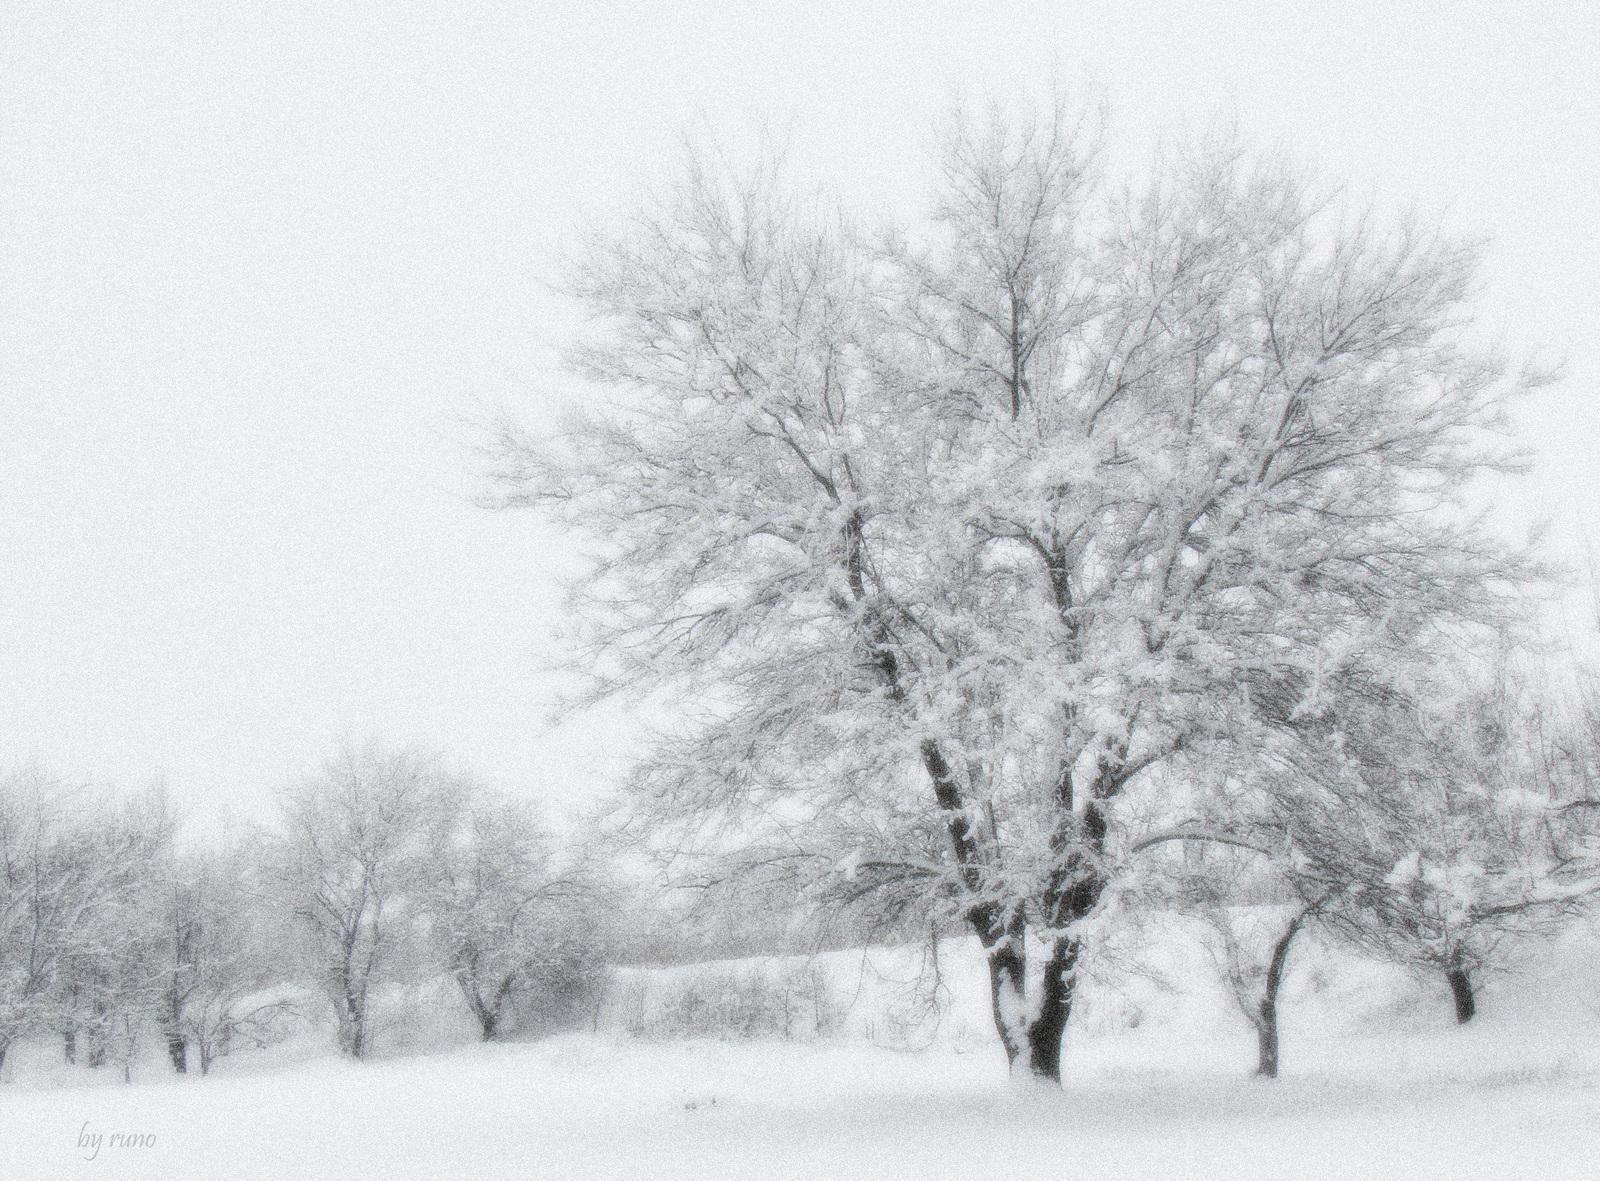 Зима, деревья, фото, обои на рабочий стол, скачать, красиво